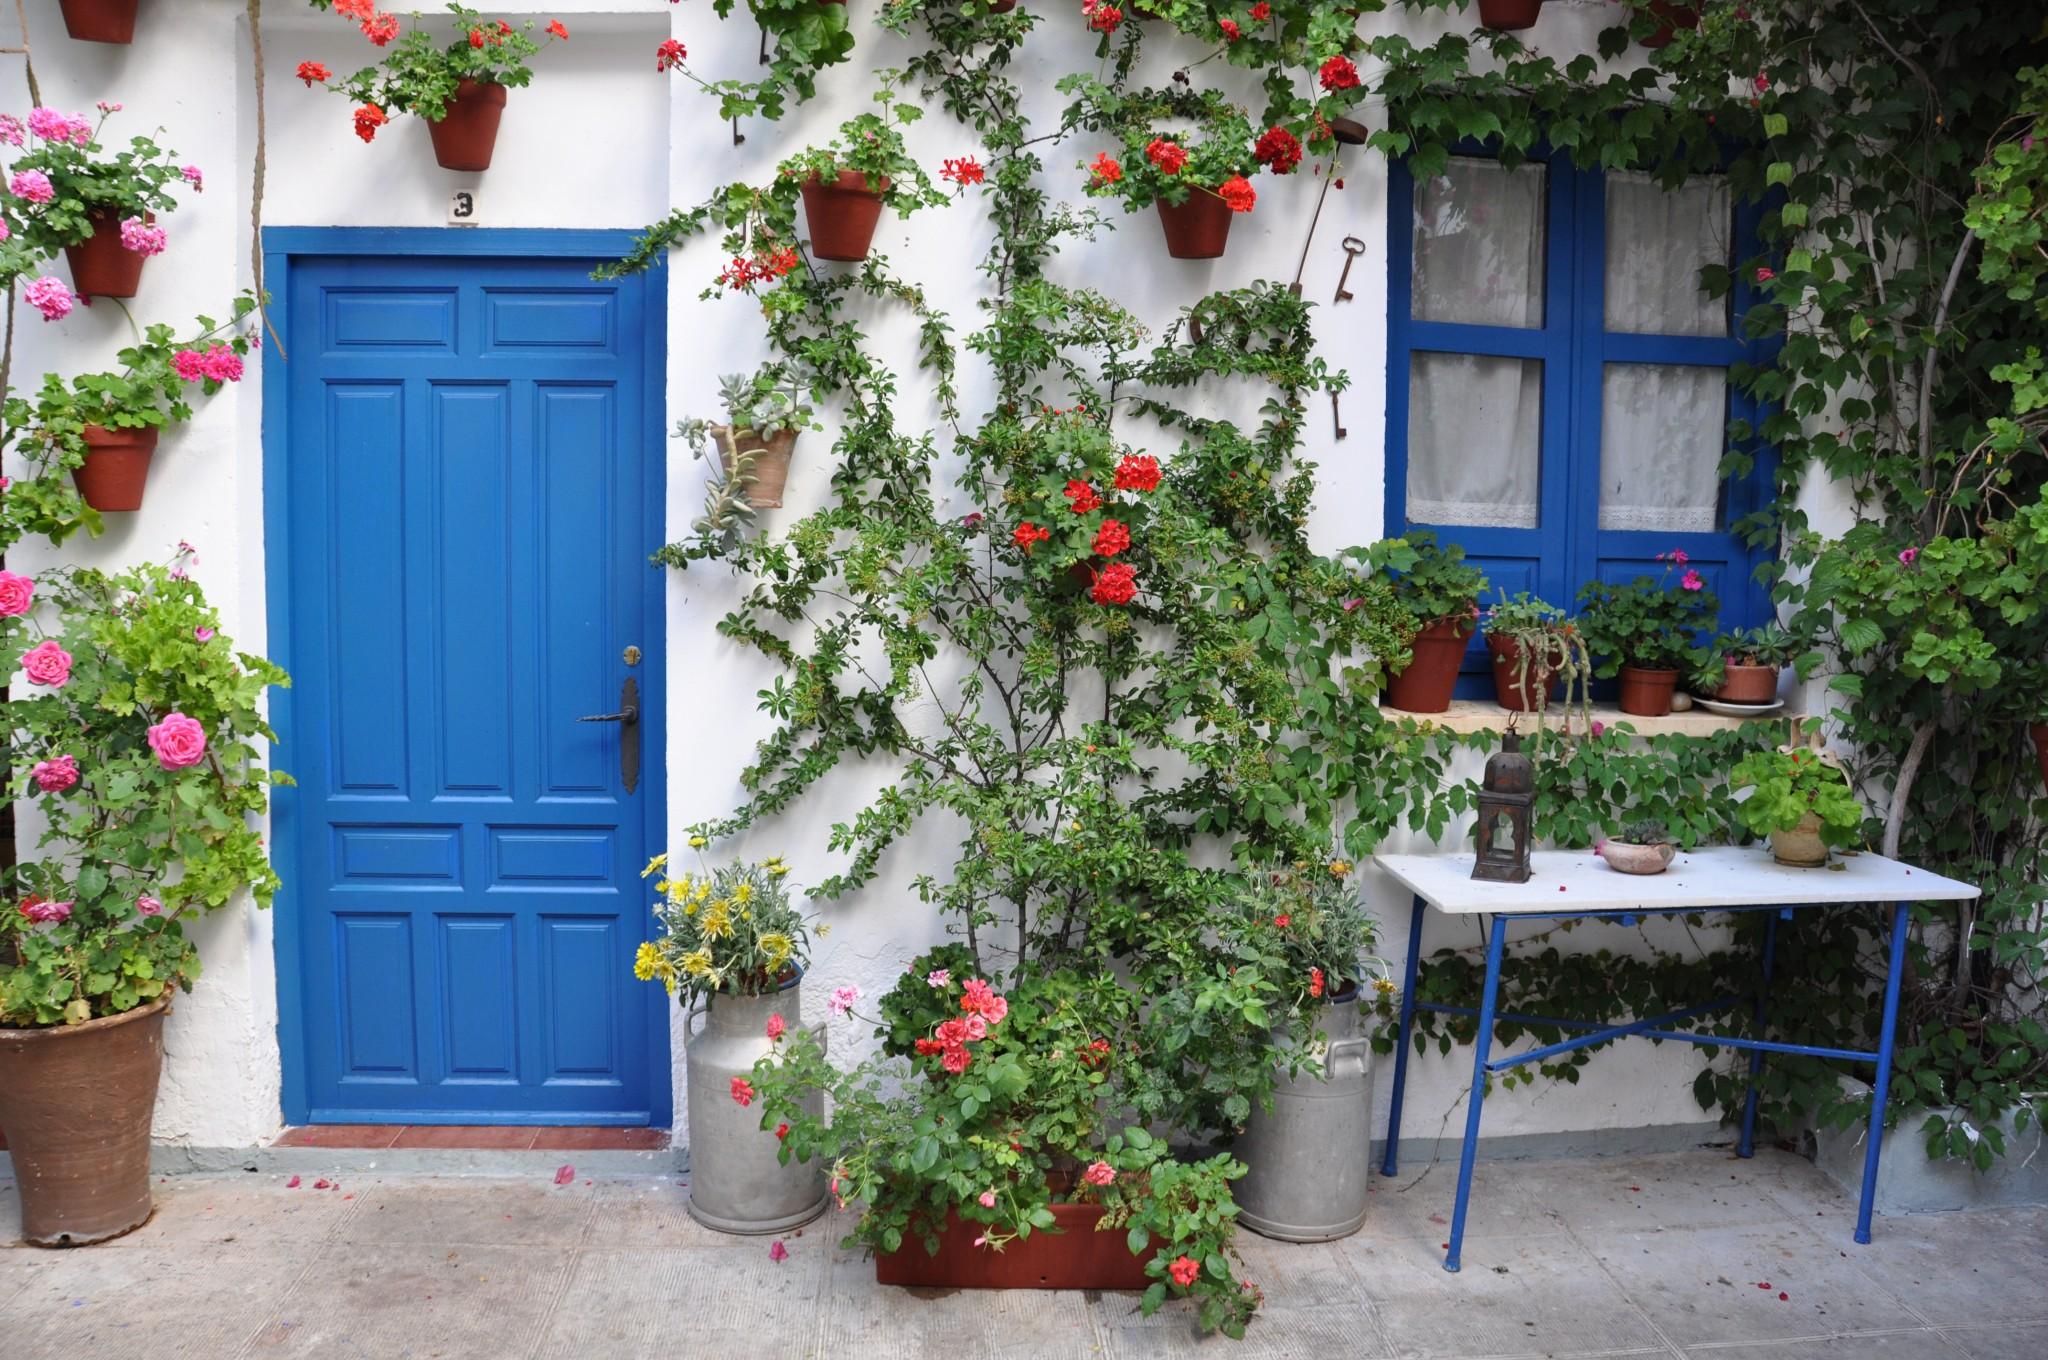 Festival de los patios de Córdoba - Kris por el mundo - Blog de viajes y foto...